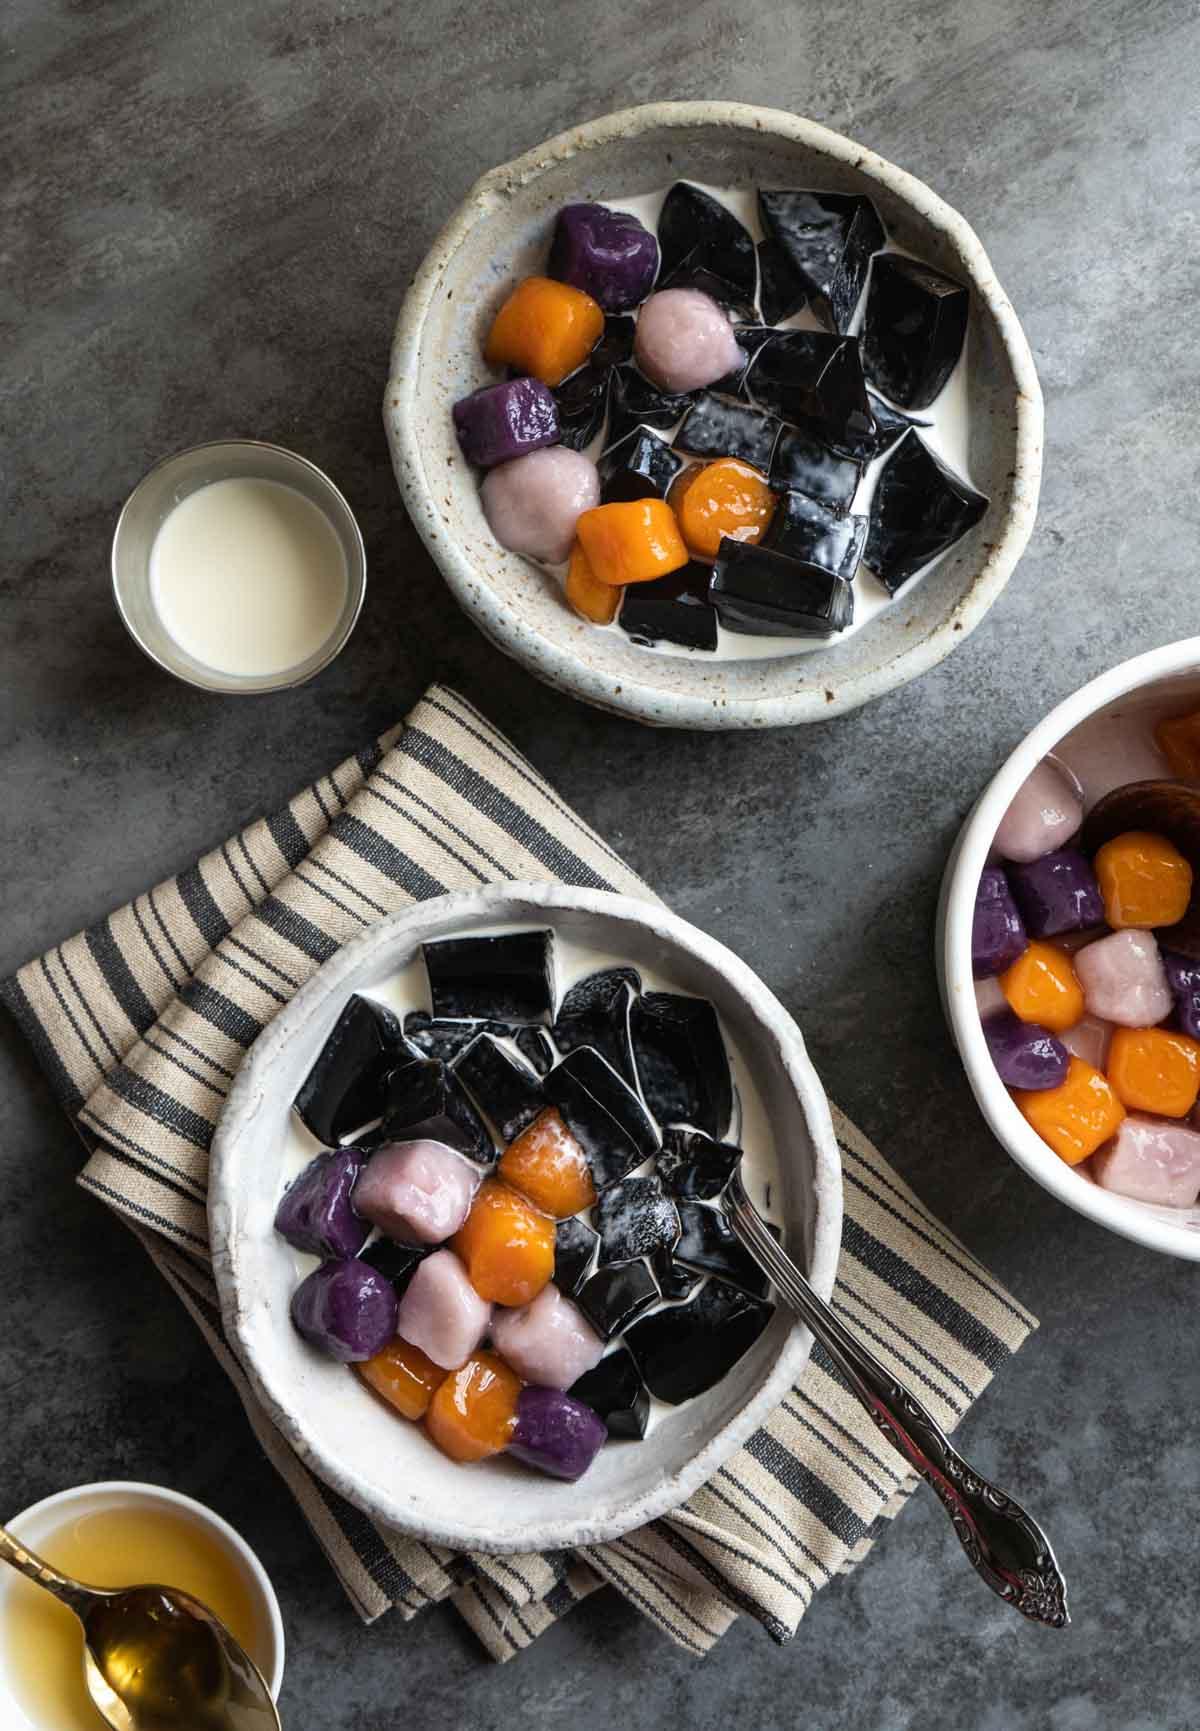 Meet Fresh style taro balls with grass jelly dessert.